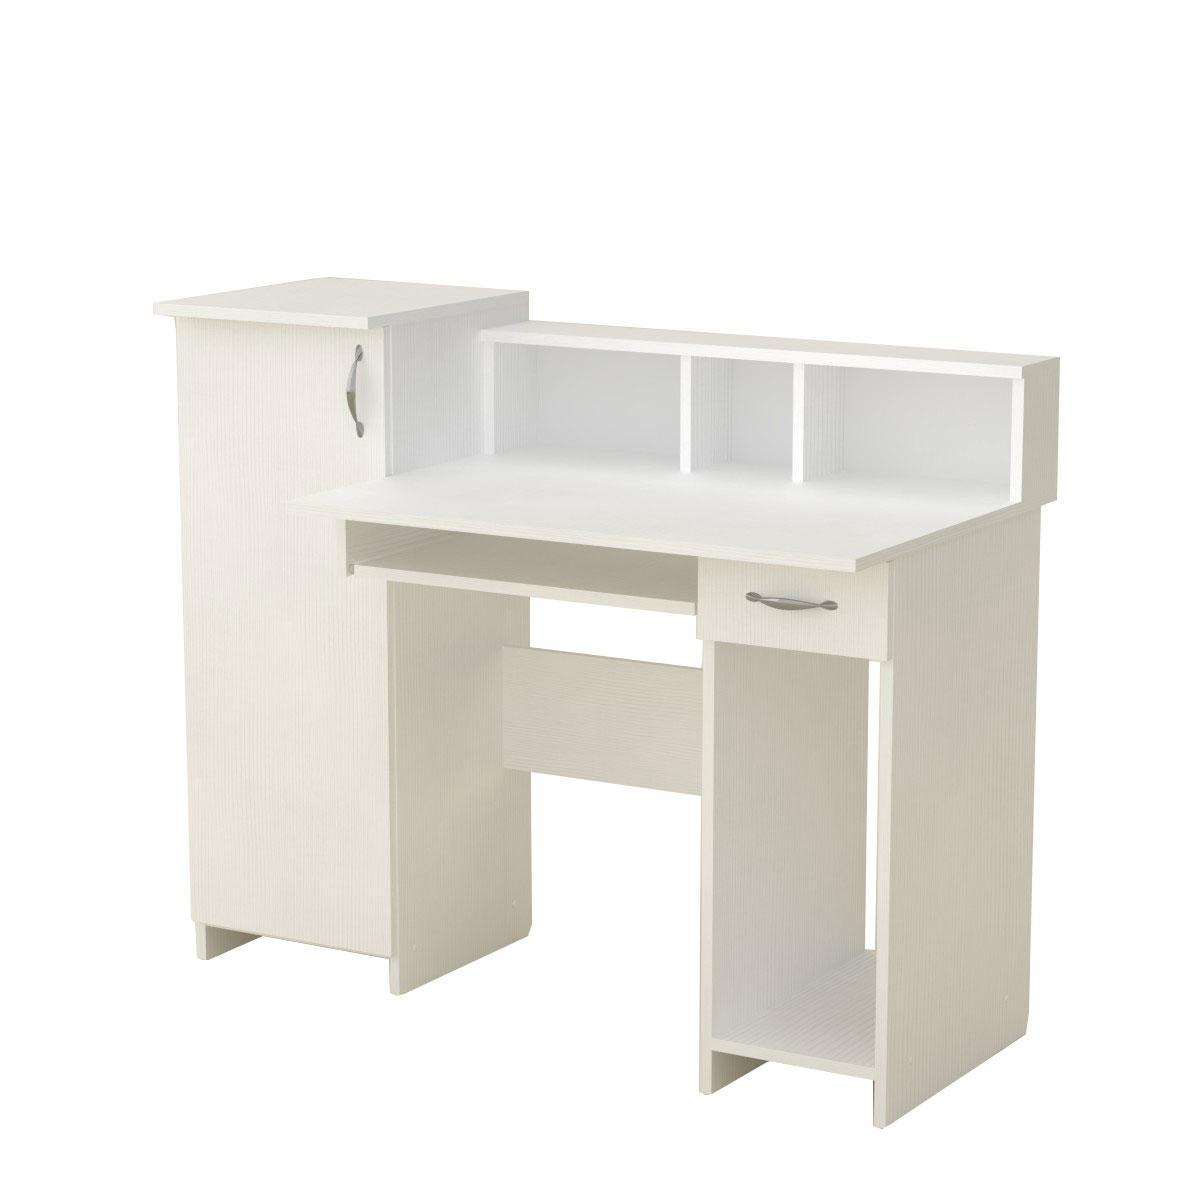 Стол компьютерный пи пи-2 нимфея альба (белый) Компанит (118х60х96 см)